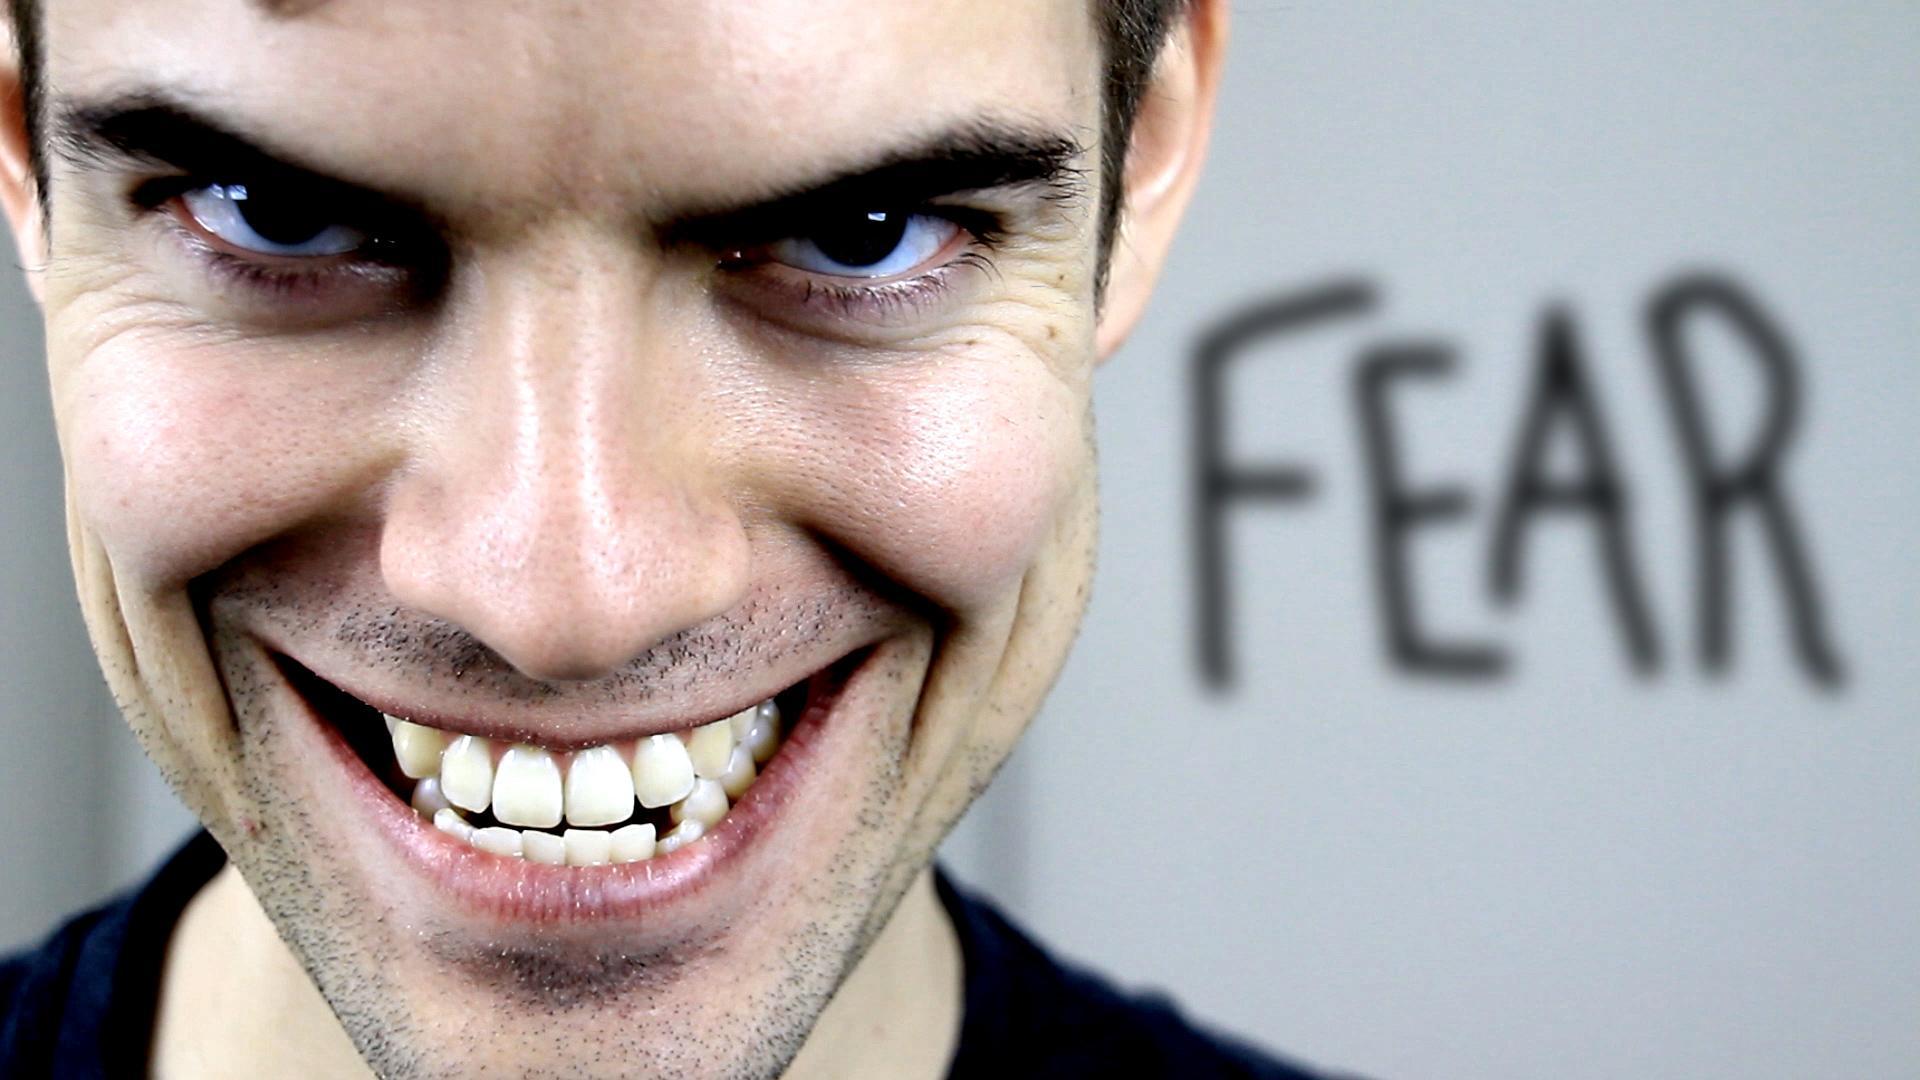 """jacksfilms on Twitter: """"Uploading now! http://t.co/foa6bGSvsA"""""""